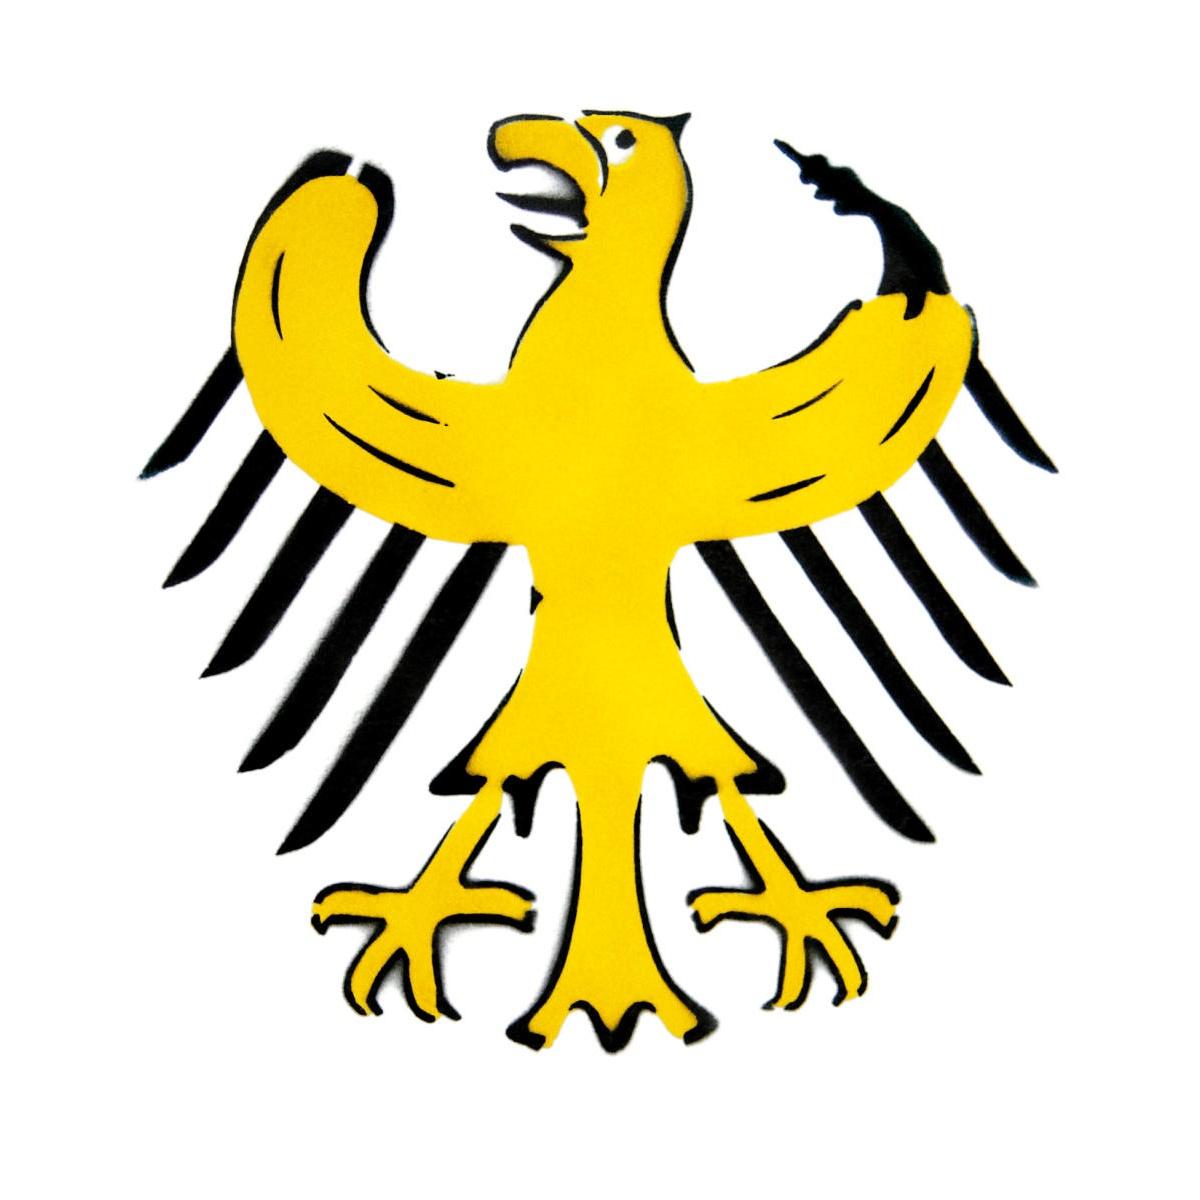 Bundesbananenadler von Thomas Baumgärtel